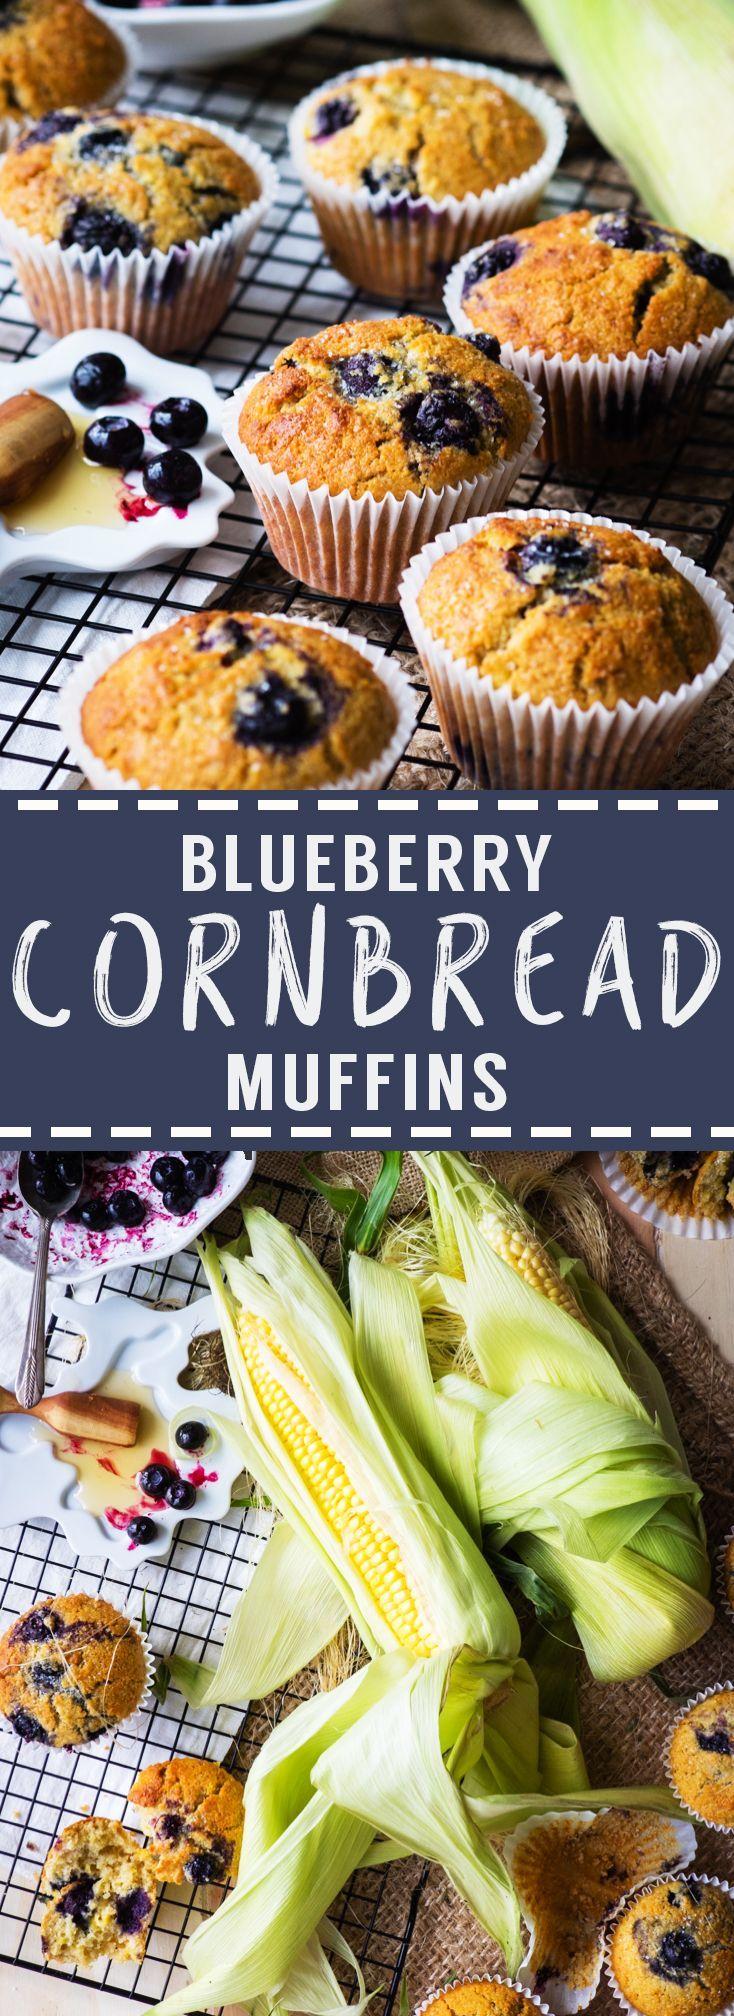 Blueberry Cornbread Muffins | The Worktop